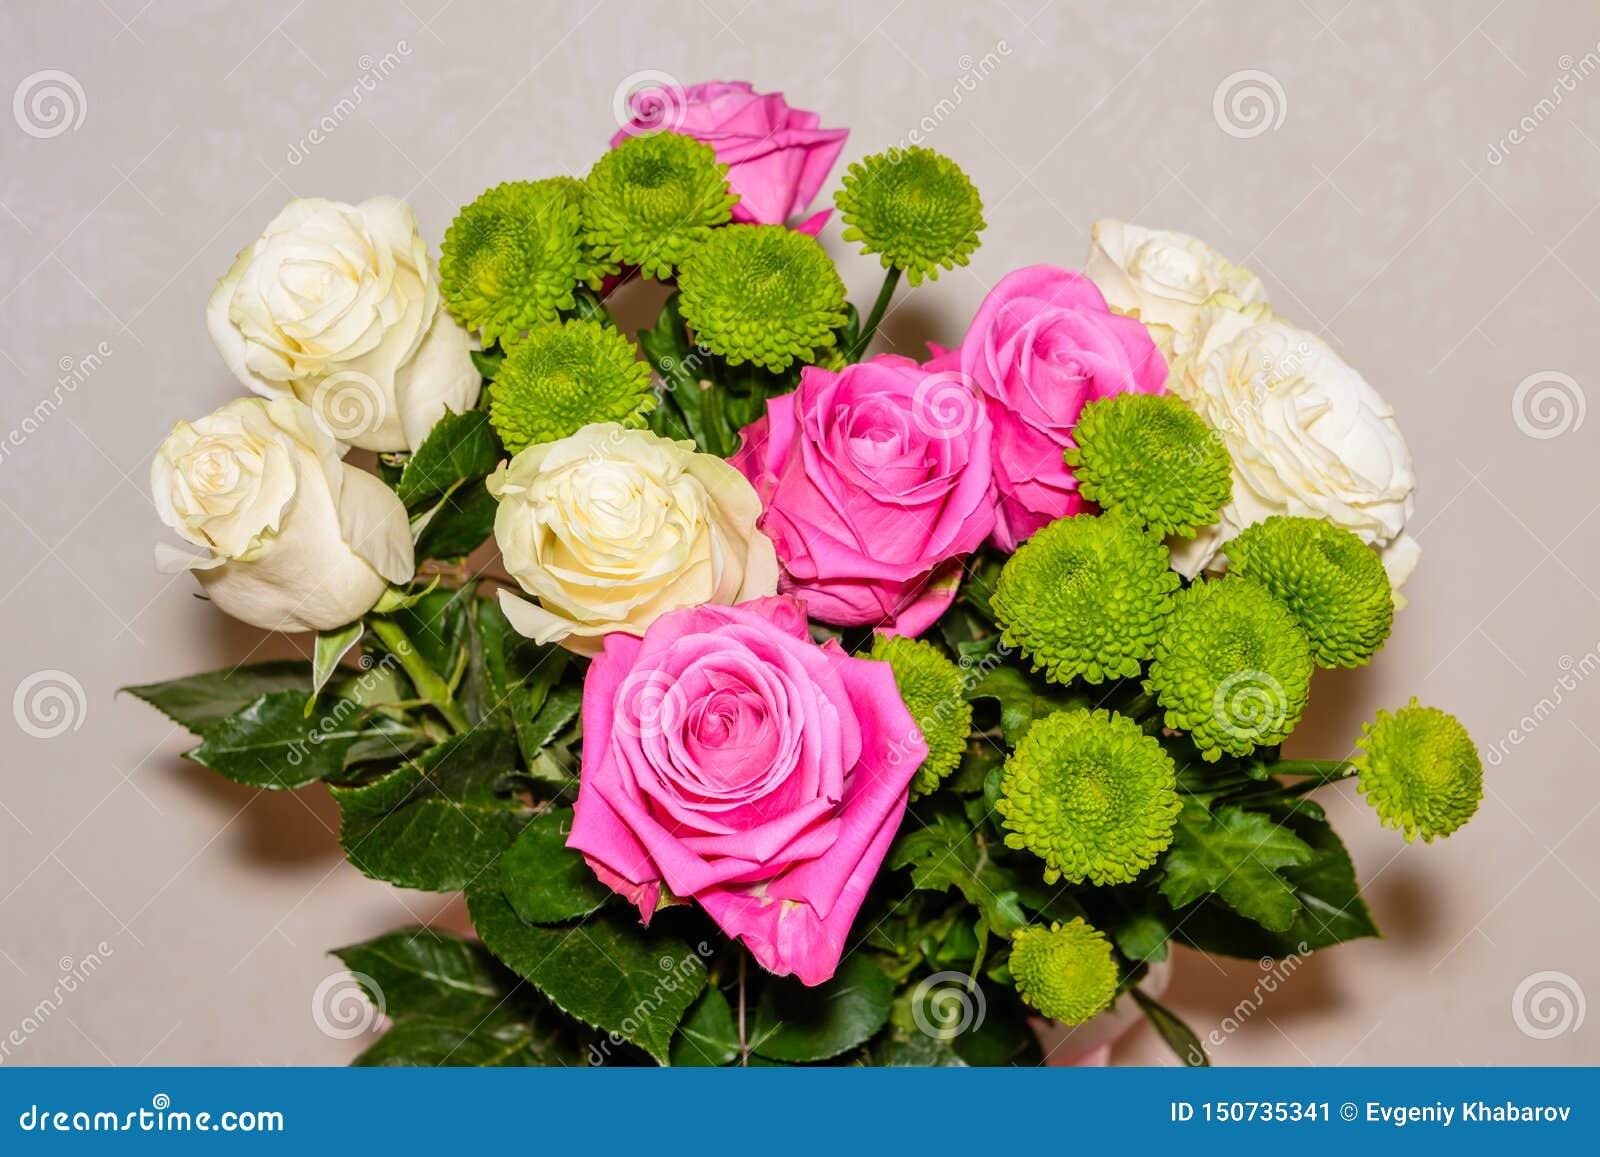 Ramalhete de rosas vermelhas, brancas e de crisântemos